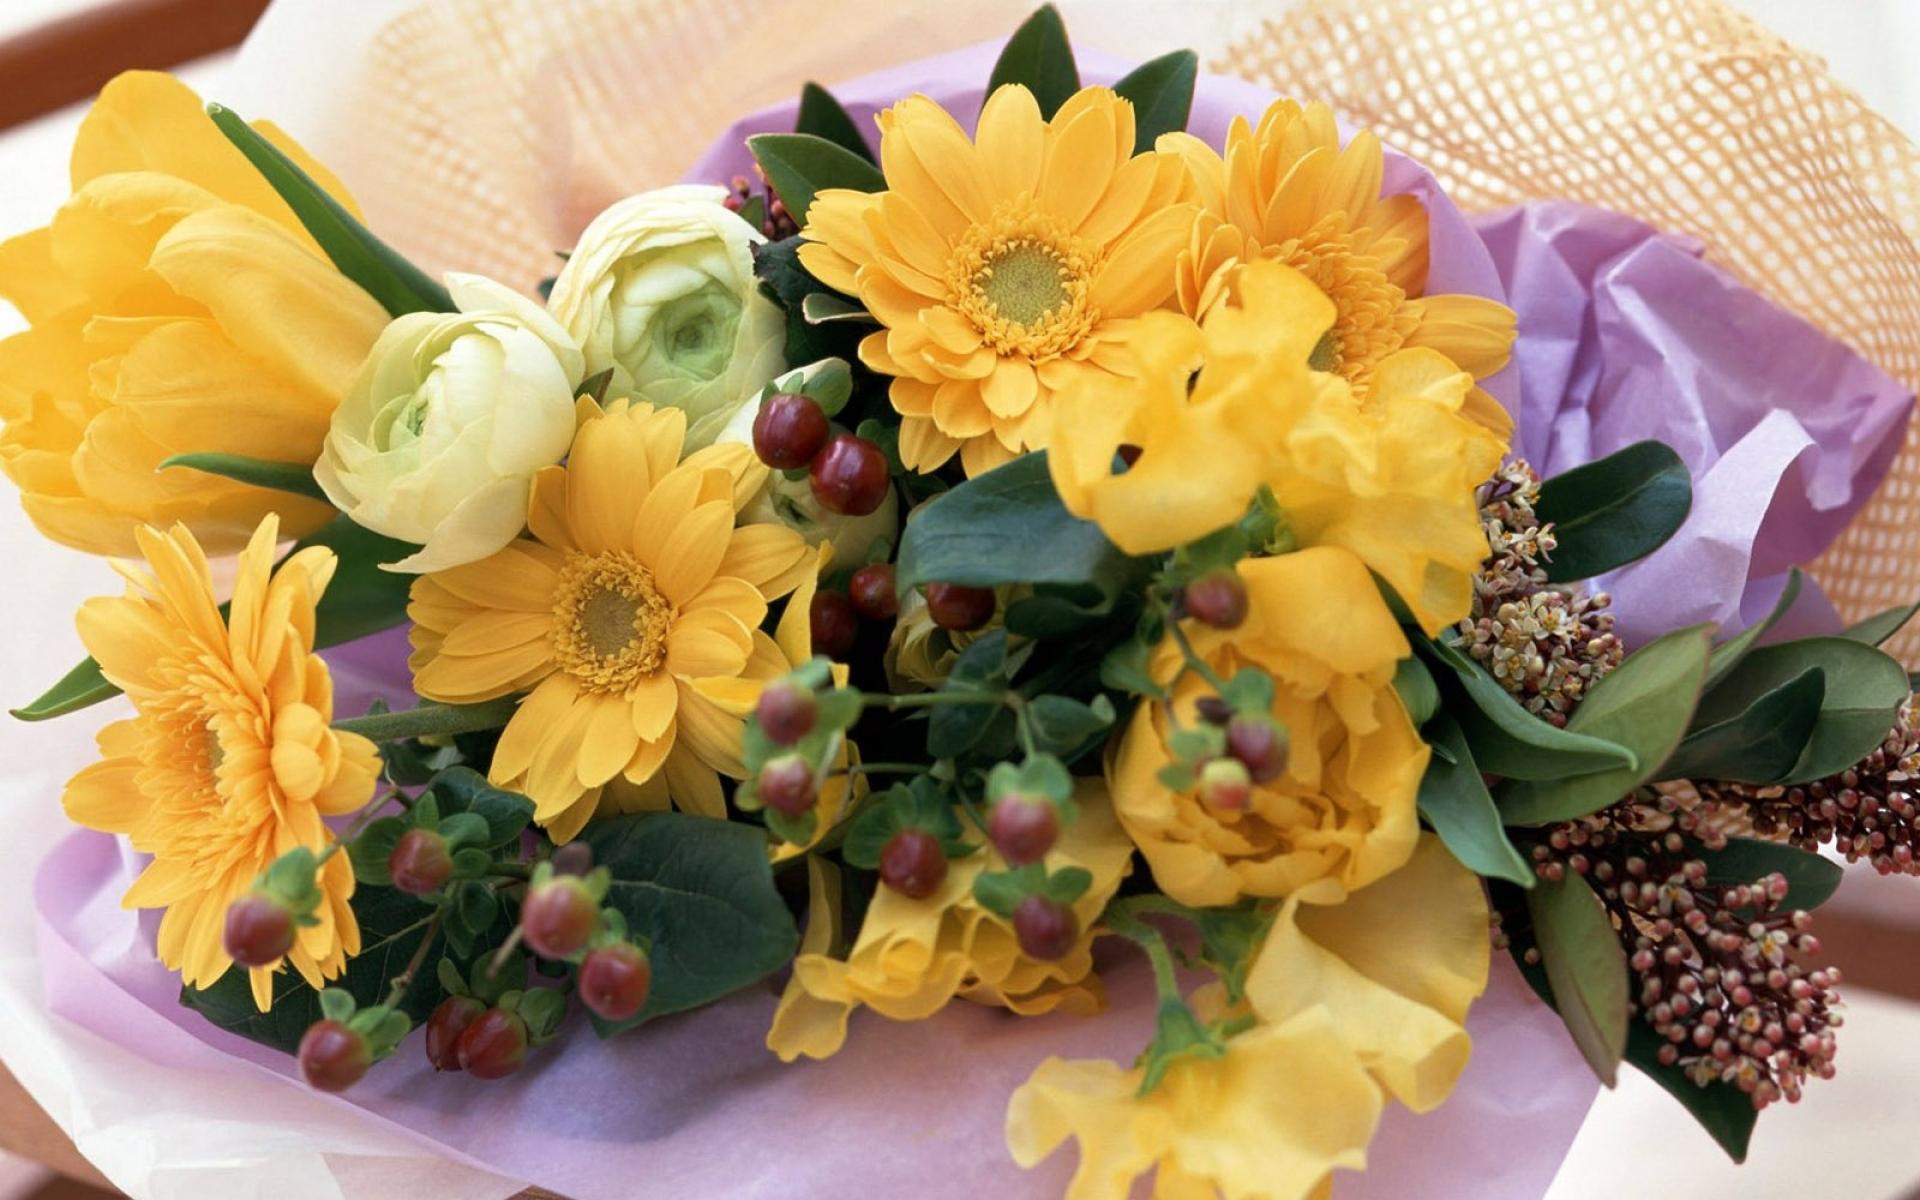 Картинки Гербер, тюльпанов, роз, цветов, букетов, украшений фото и обои на рабочий стол